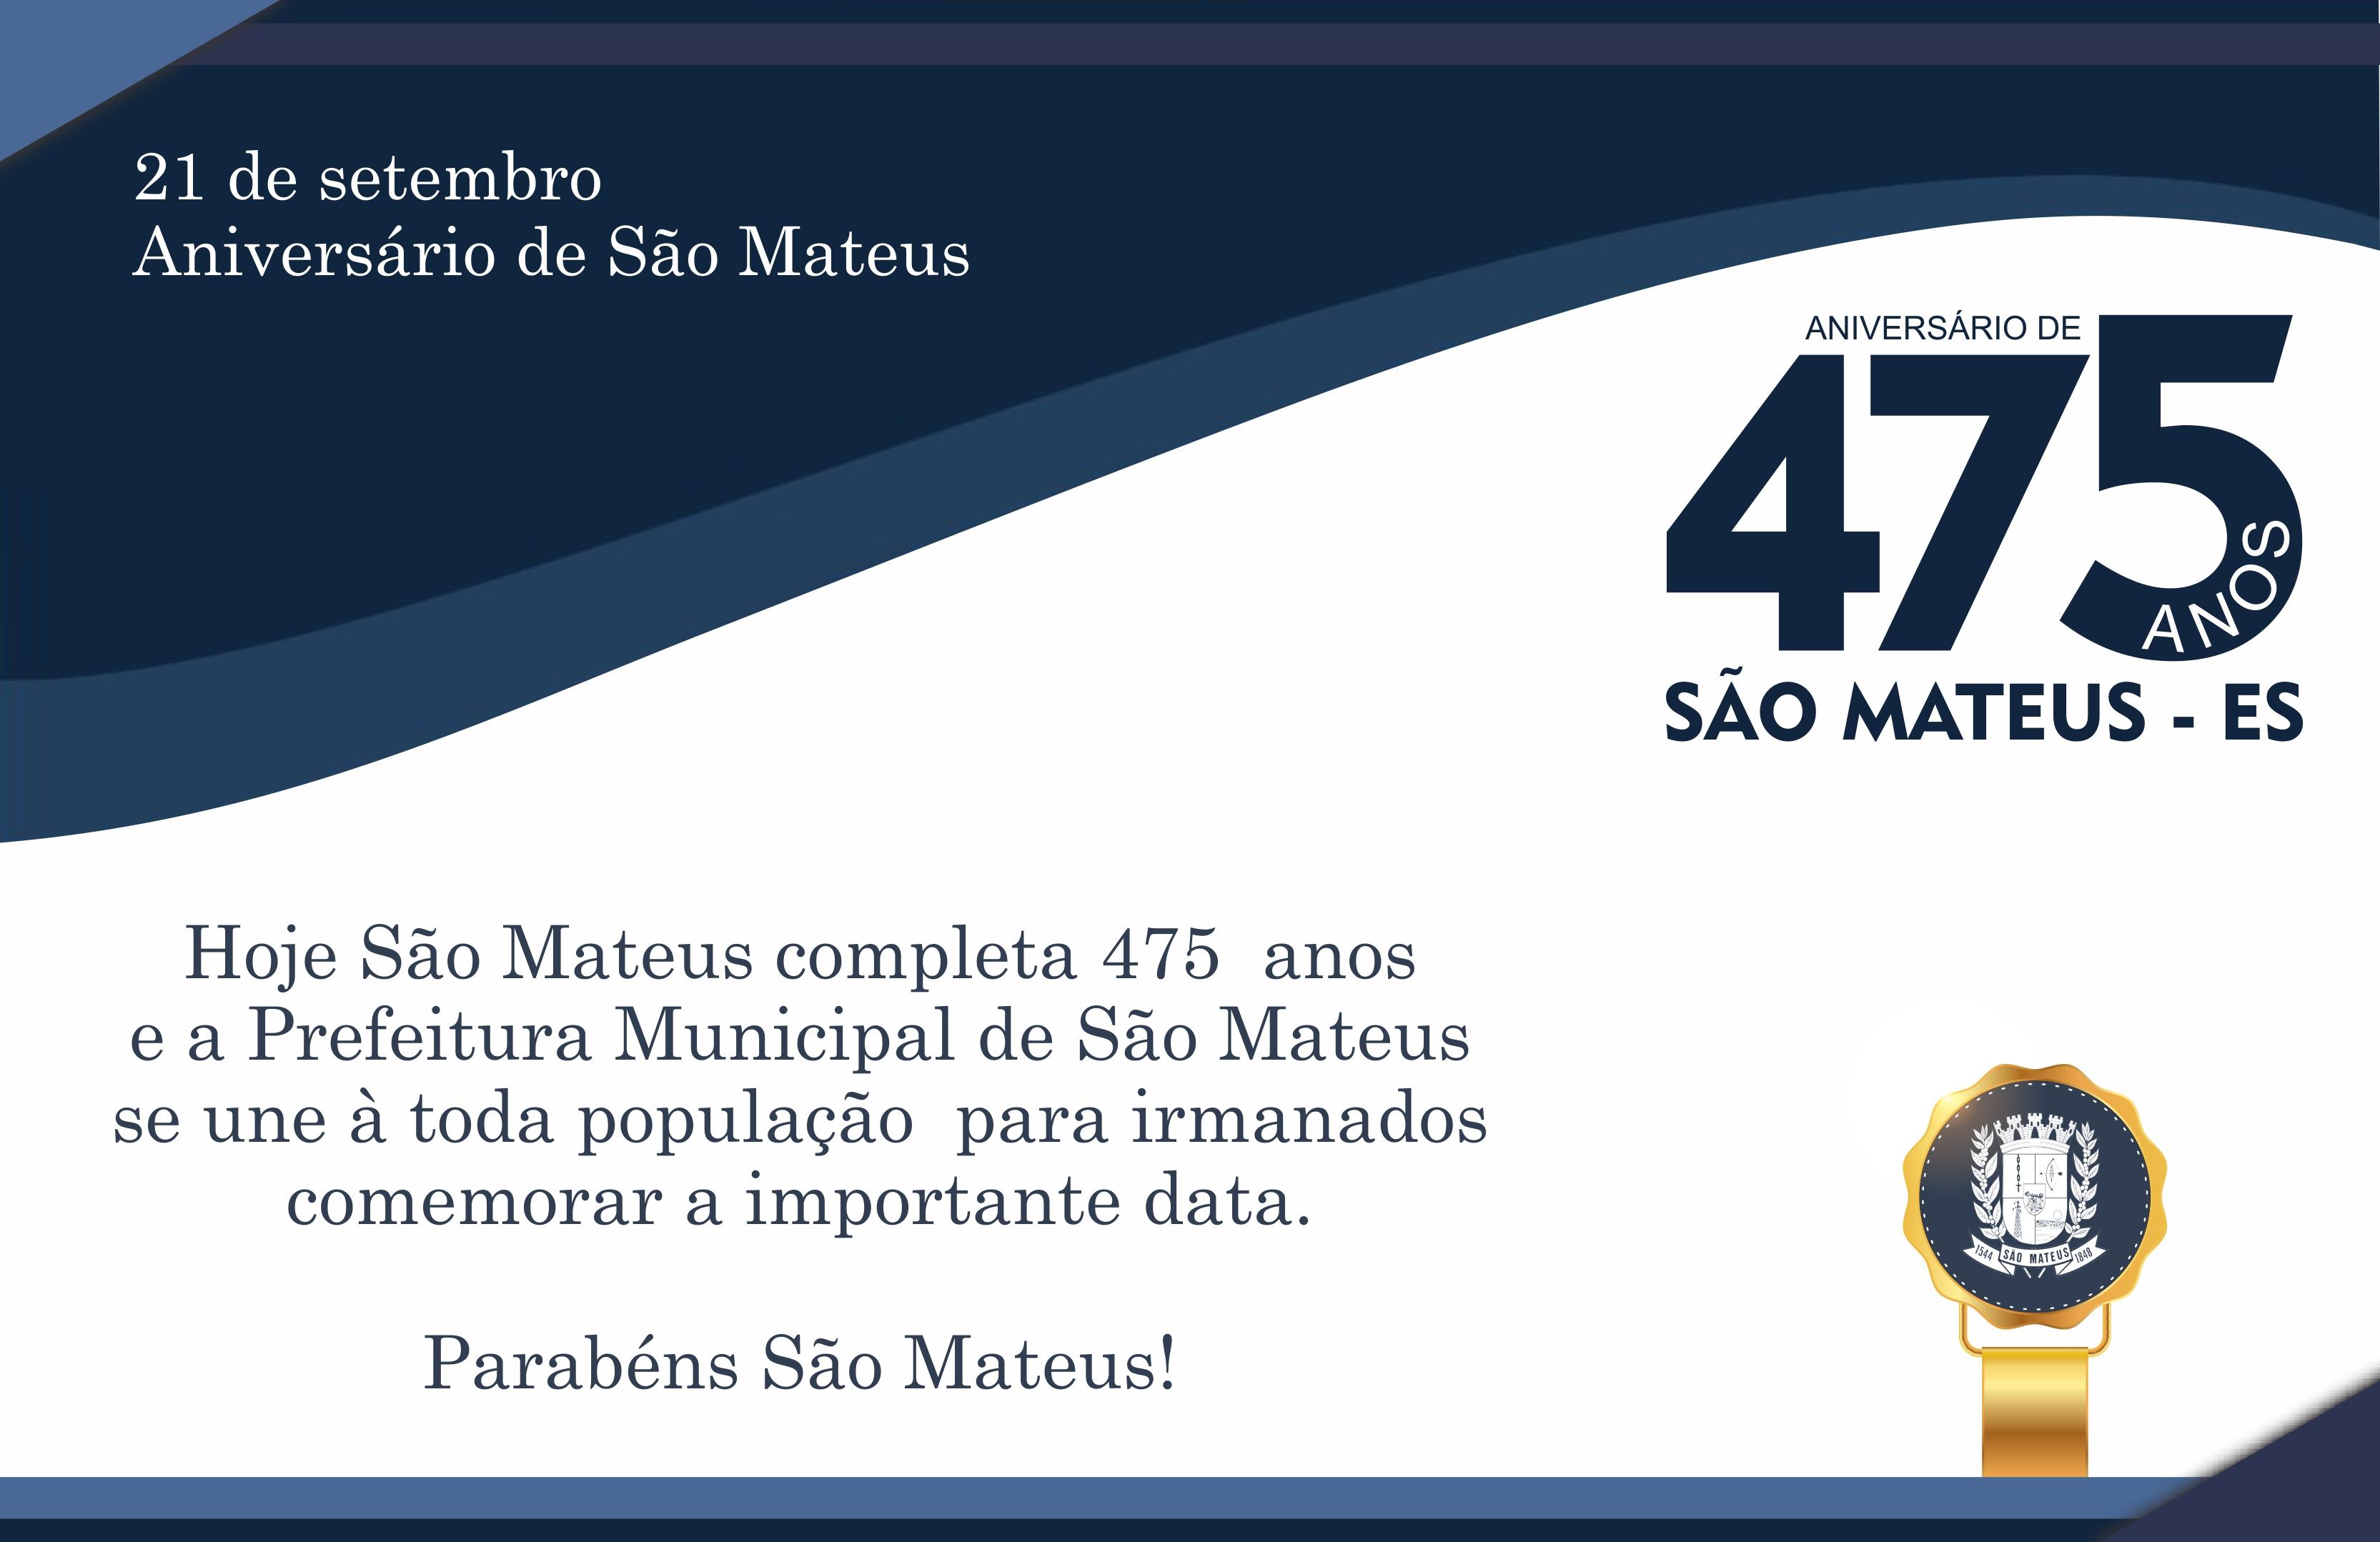 21 DE SETEMBRO - ANIVERSÁRIO DE SÃO MATEUS